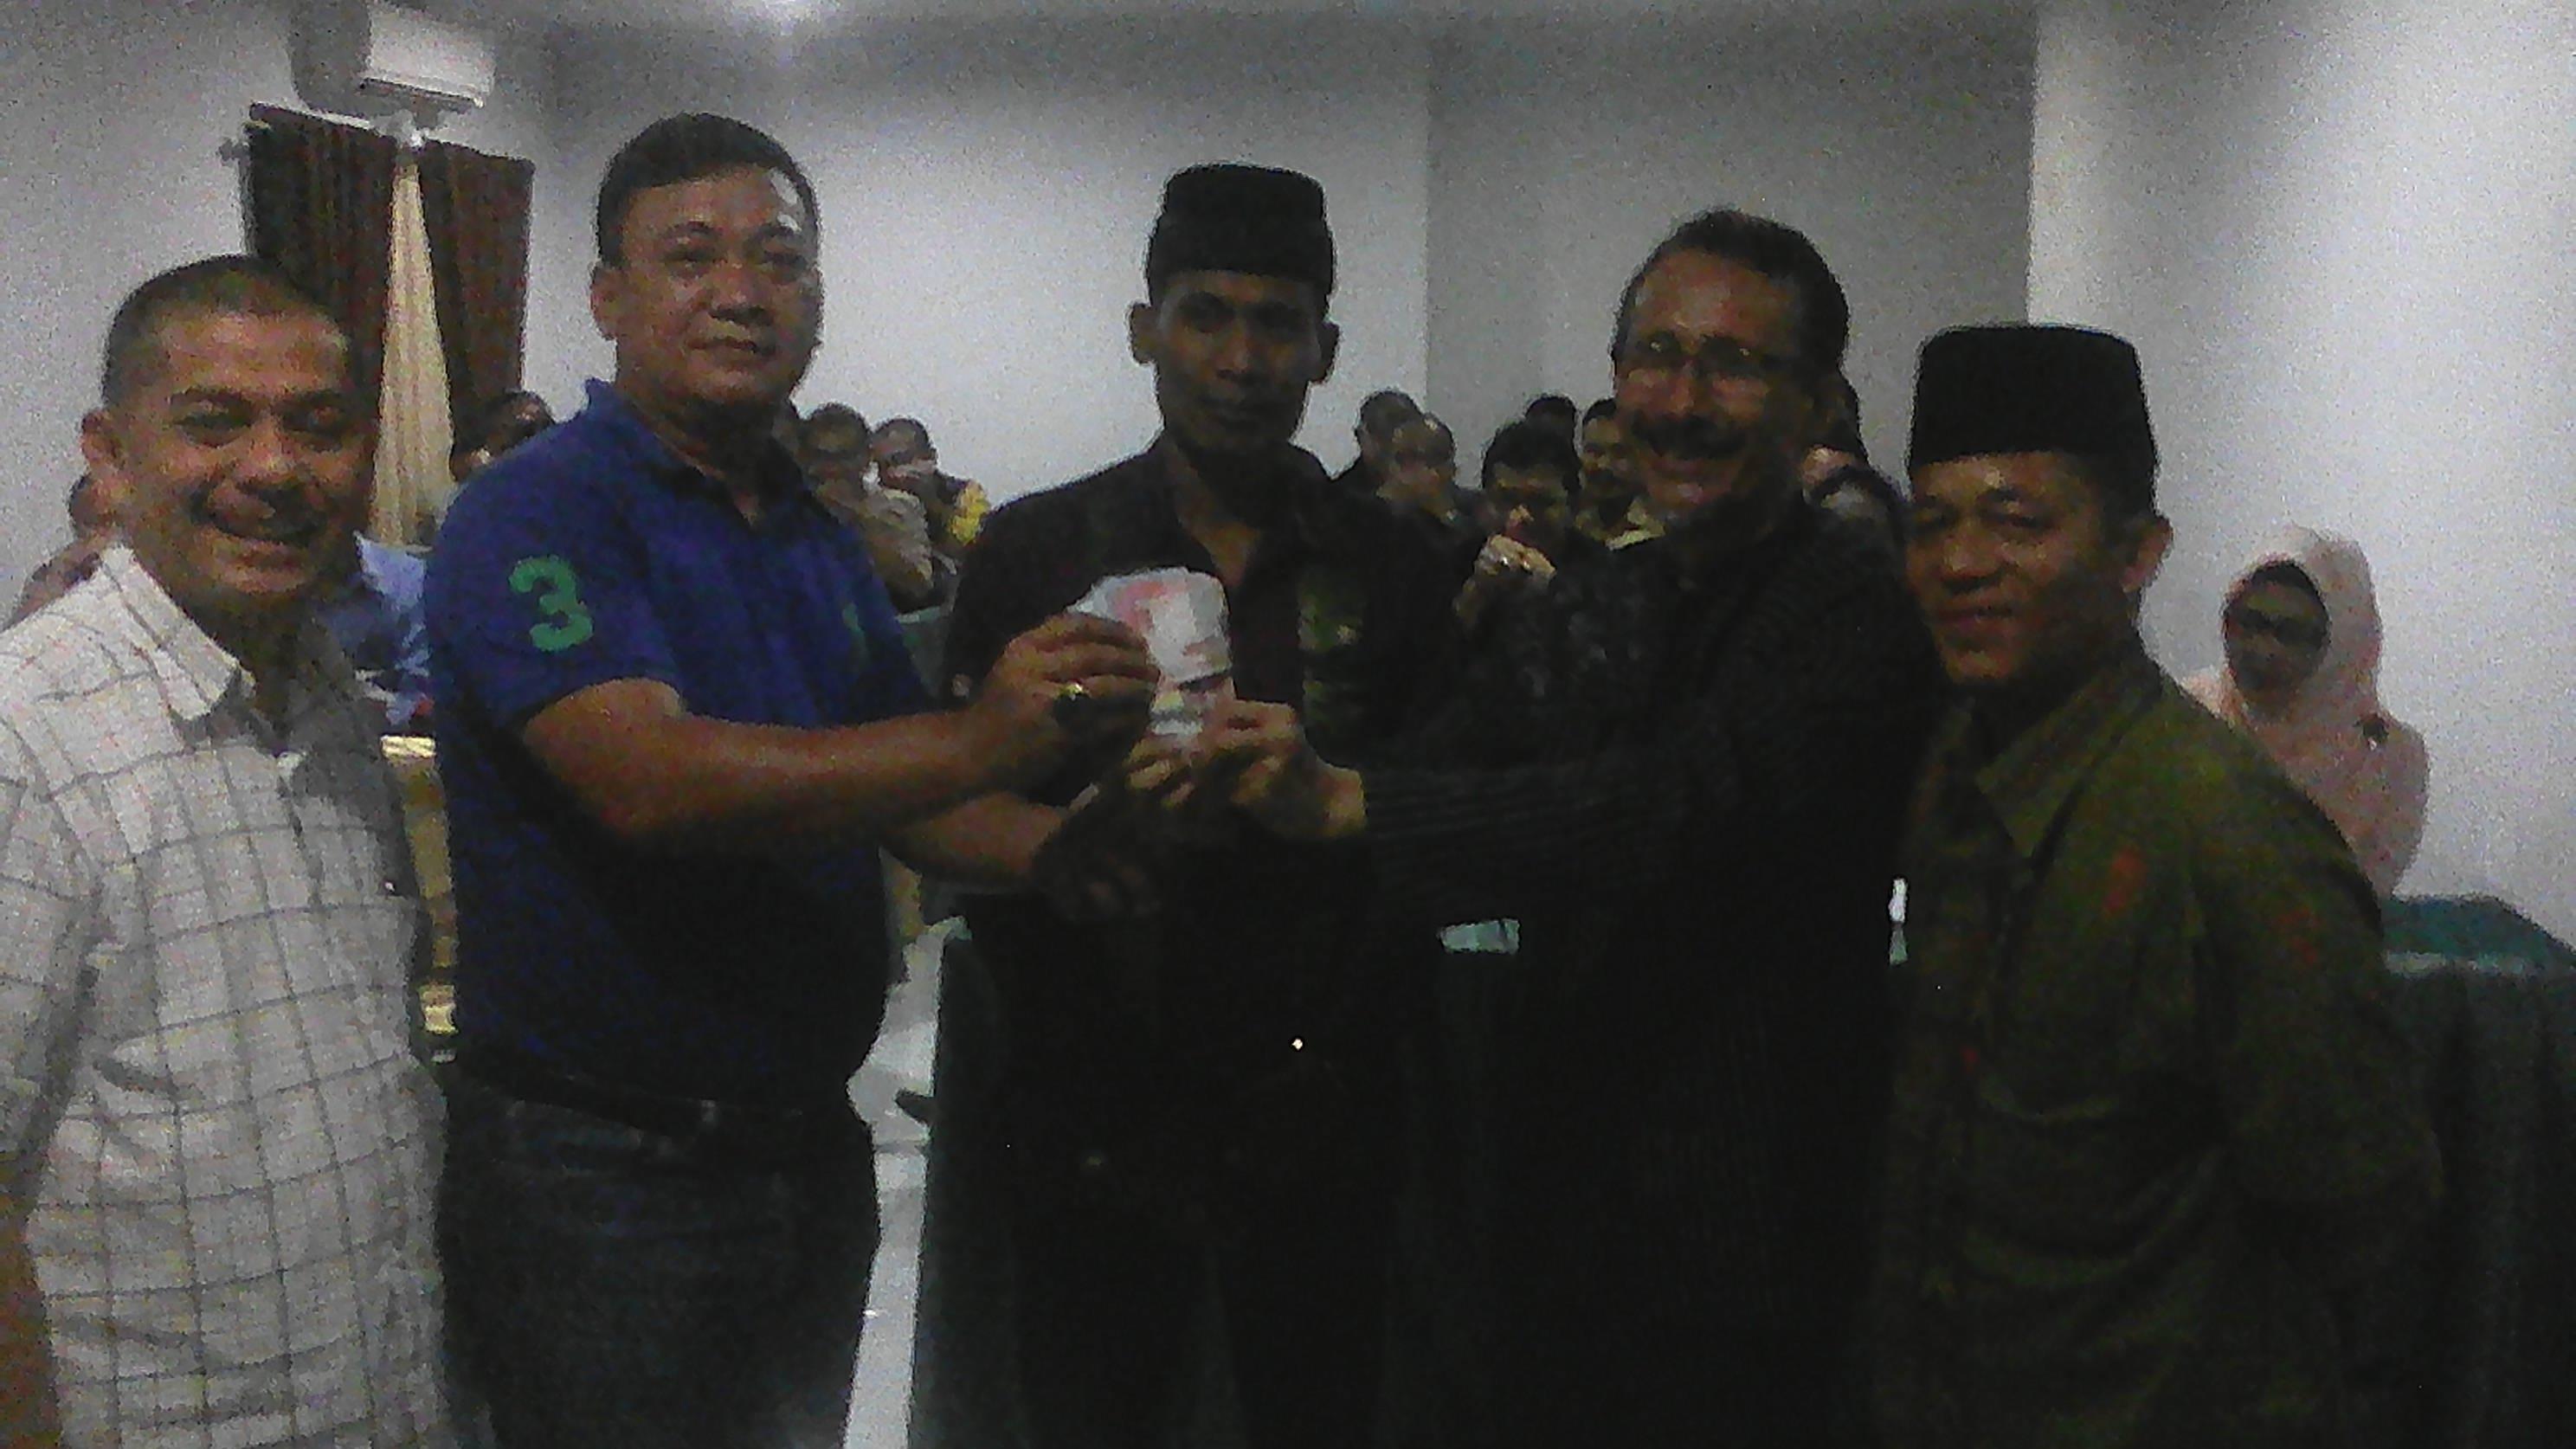 Ketua DPW PKDP Sumbar, Rahmal Saleh memberikan uang tunai sebesar Rp3.182.000 hasil badoncek kepada Ketua DPD PKDP Padang,Fery Yasri